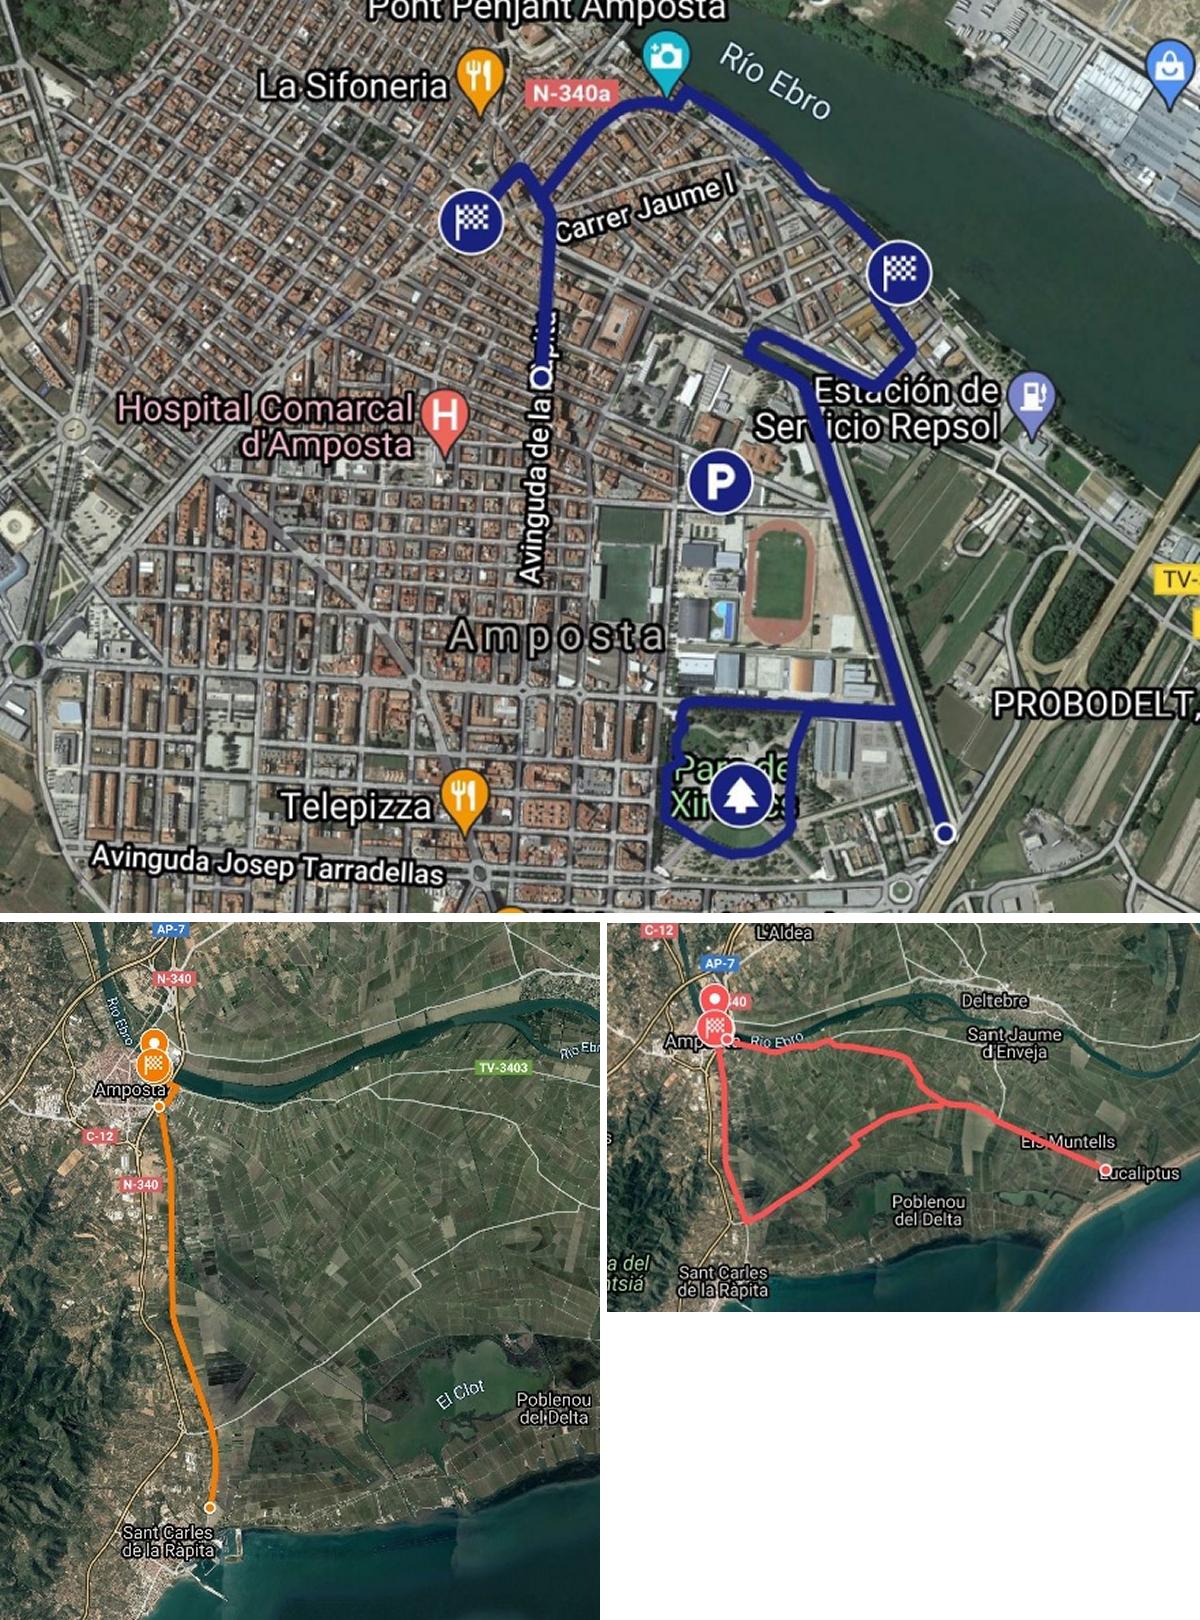 Afectacions de trànsit durant el cap de setmana a causa del Triatló Amposta | Amposta.info